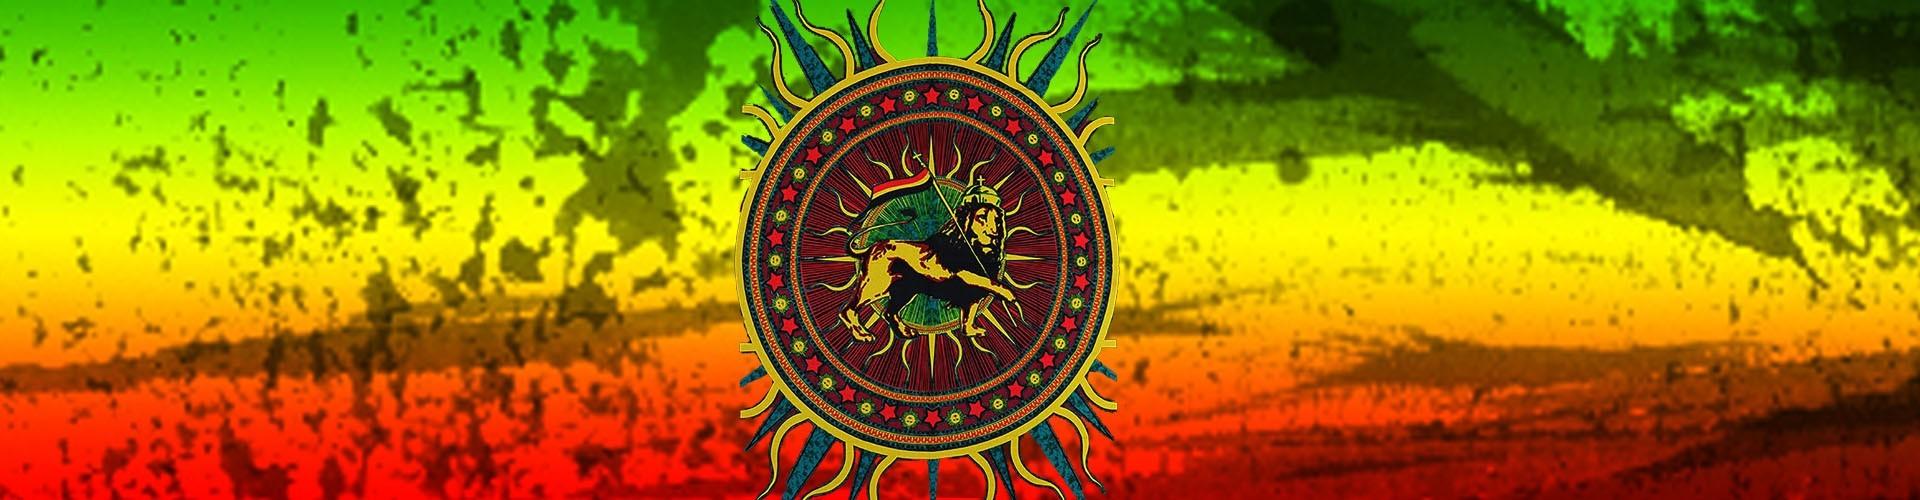 Tenture Rasta ou Bob Marley aux couleurs de la Jamaïque pas cher